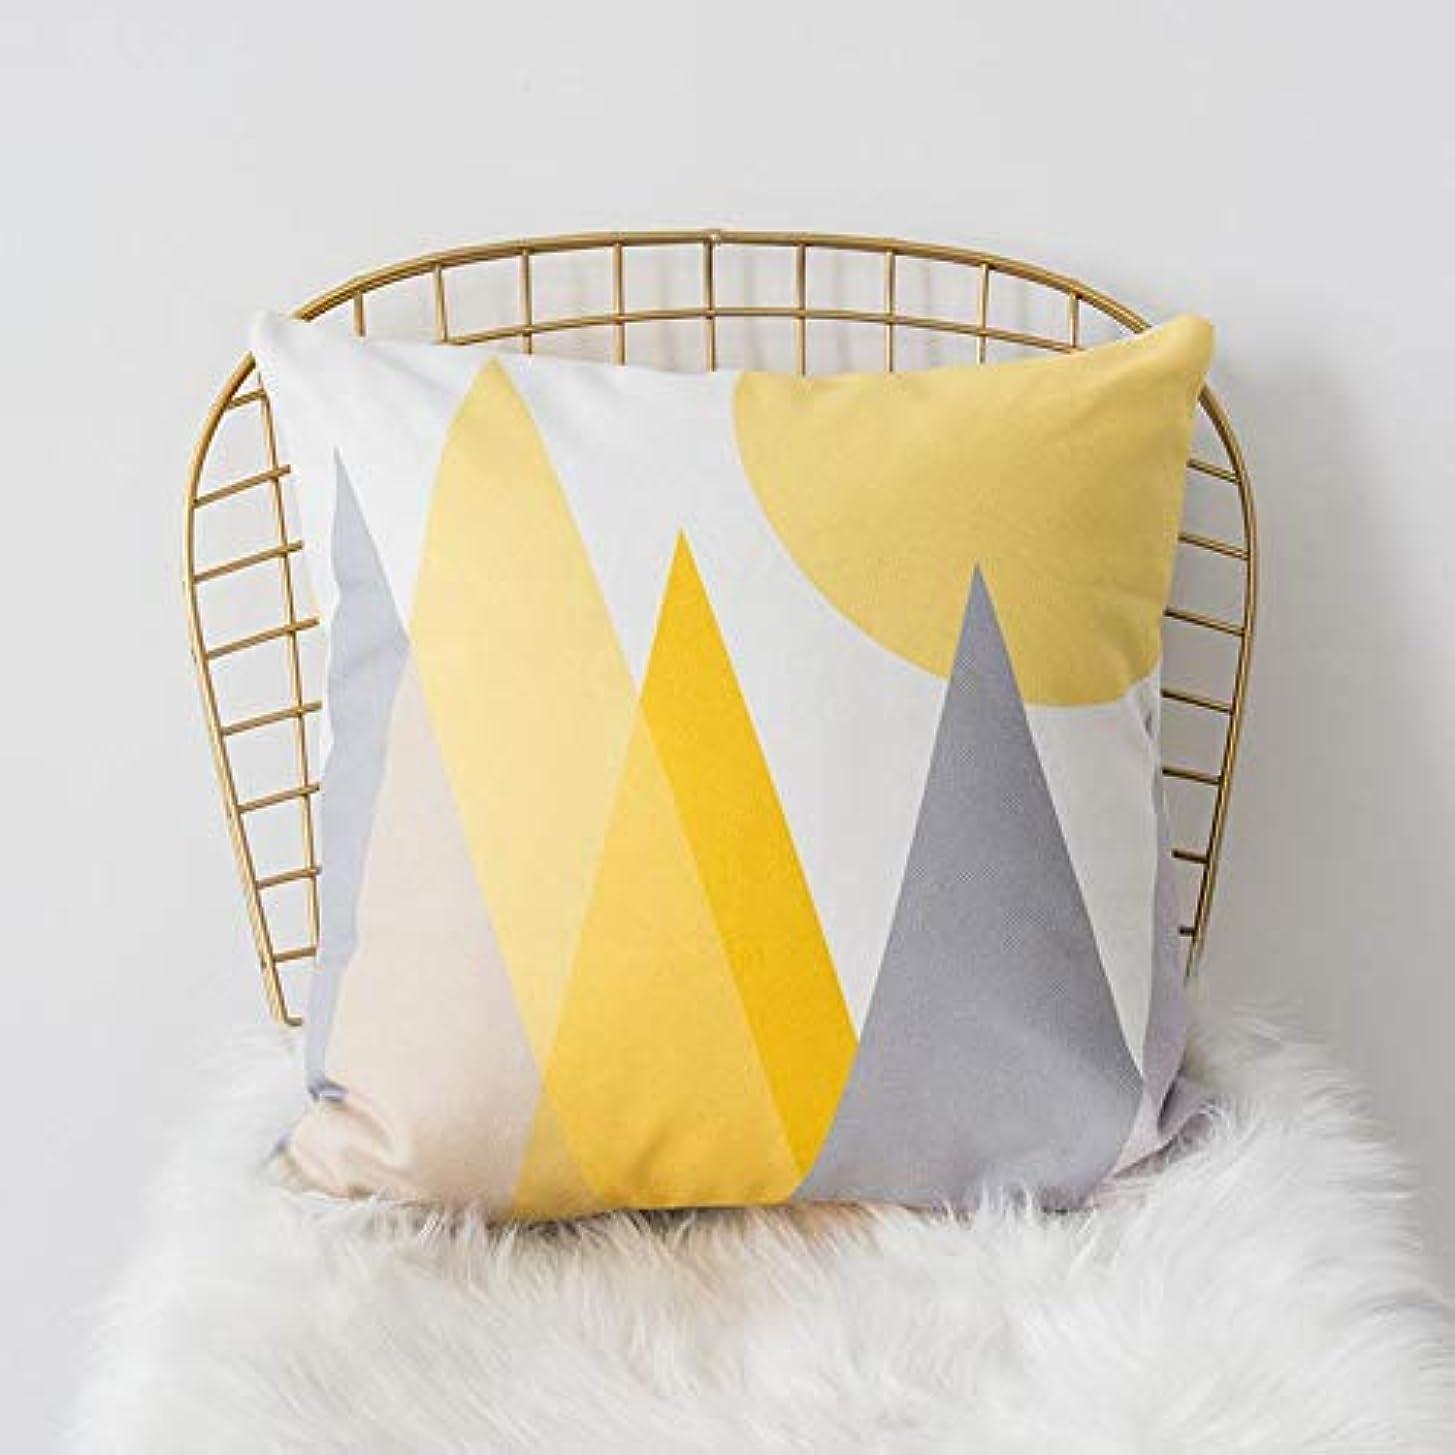 ヶ月目食事カカドゥSMART 黄色グレー枕北欧スタイル黄色ヘラジカ幾何枕リビングルームのインテリアソファクッション Cojines 装飾良質 クッション 椅子